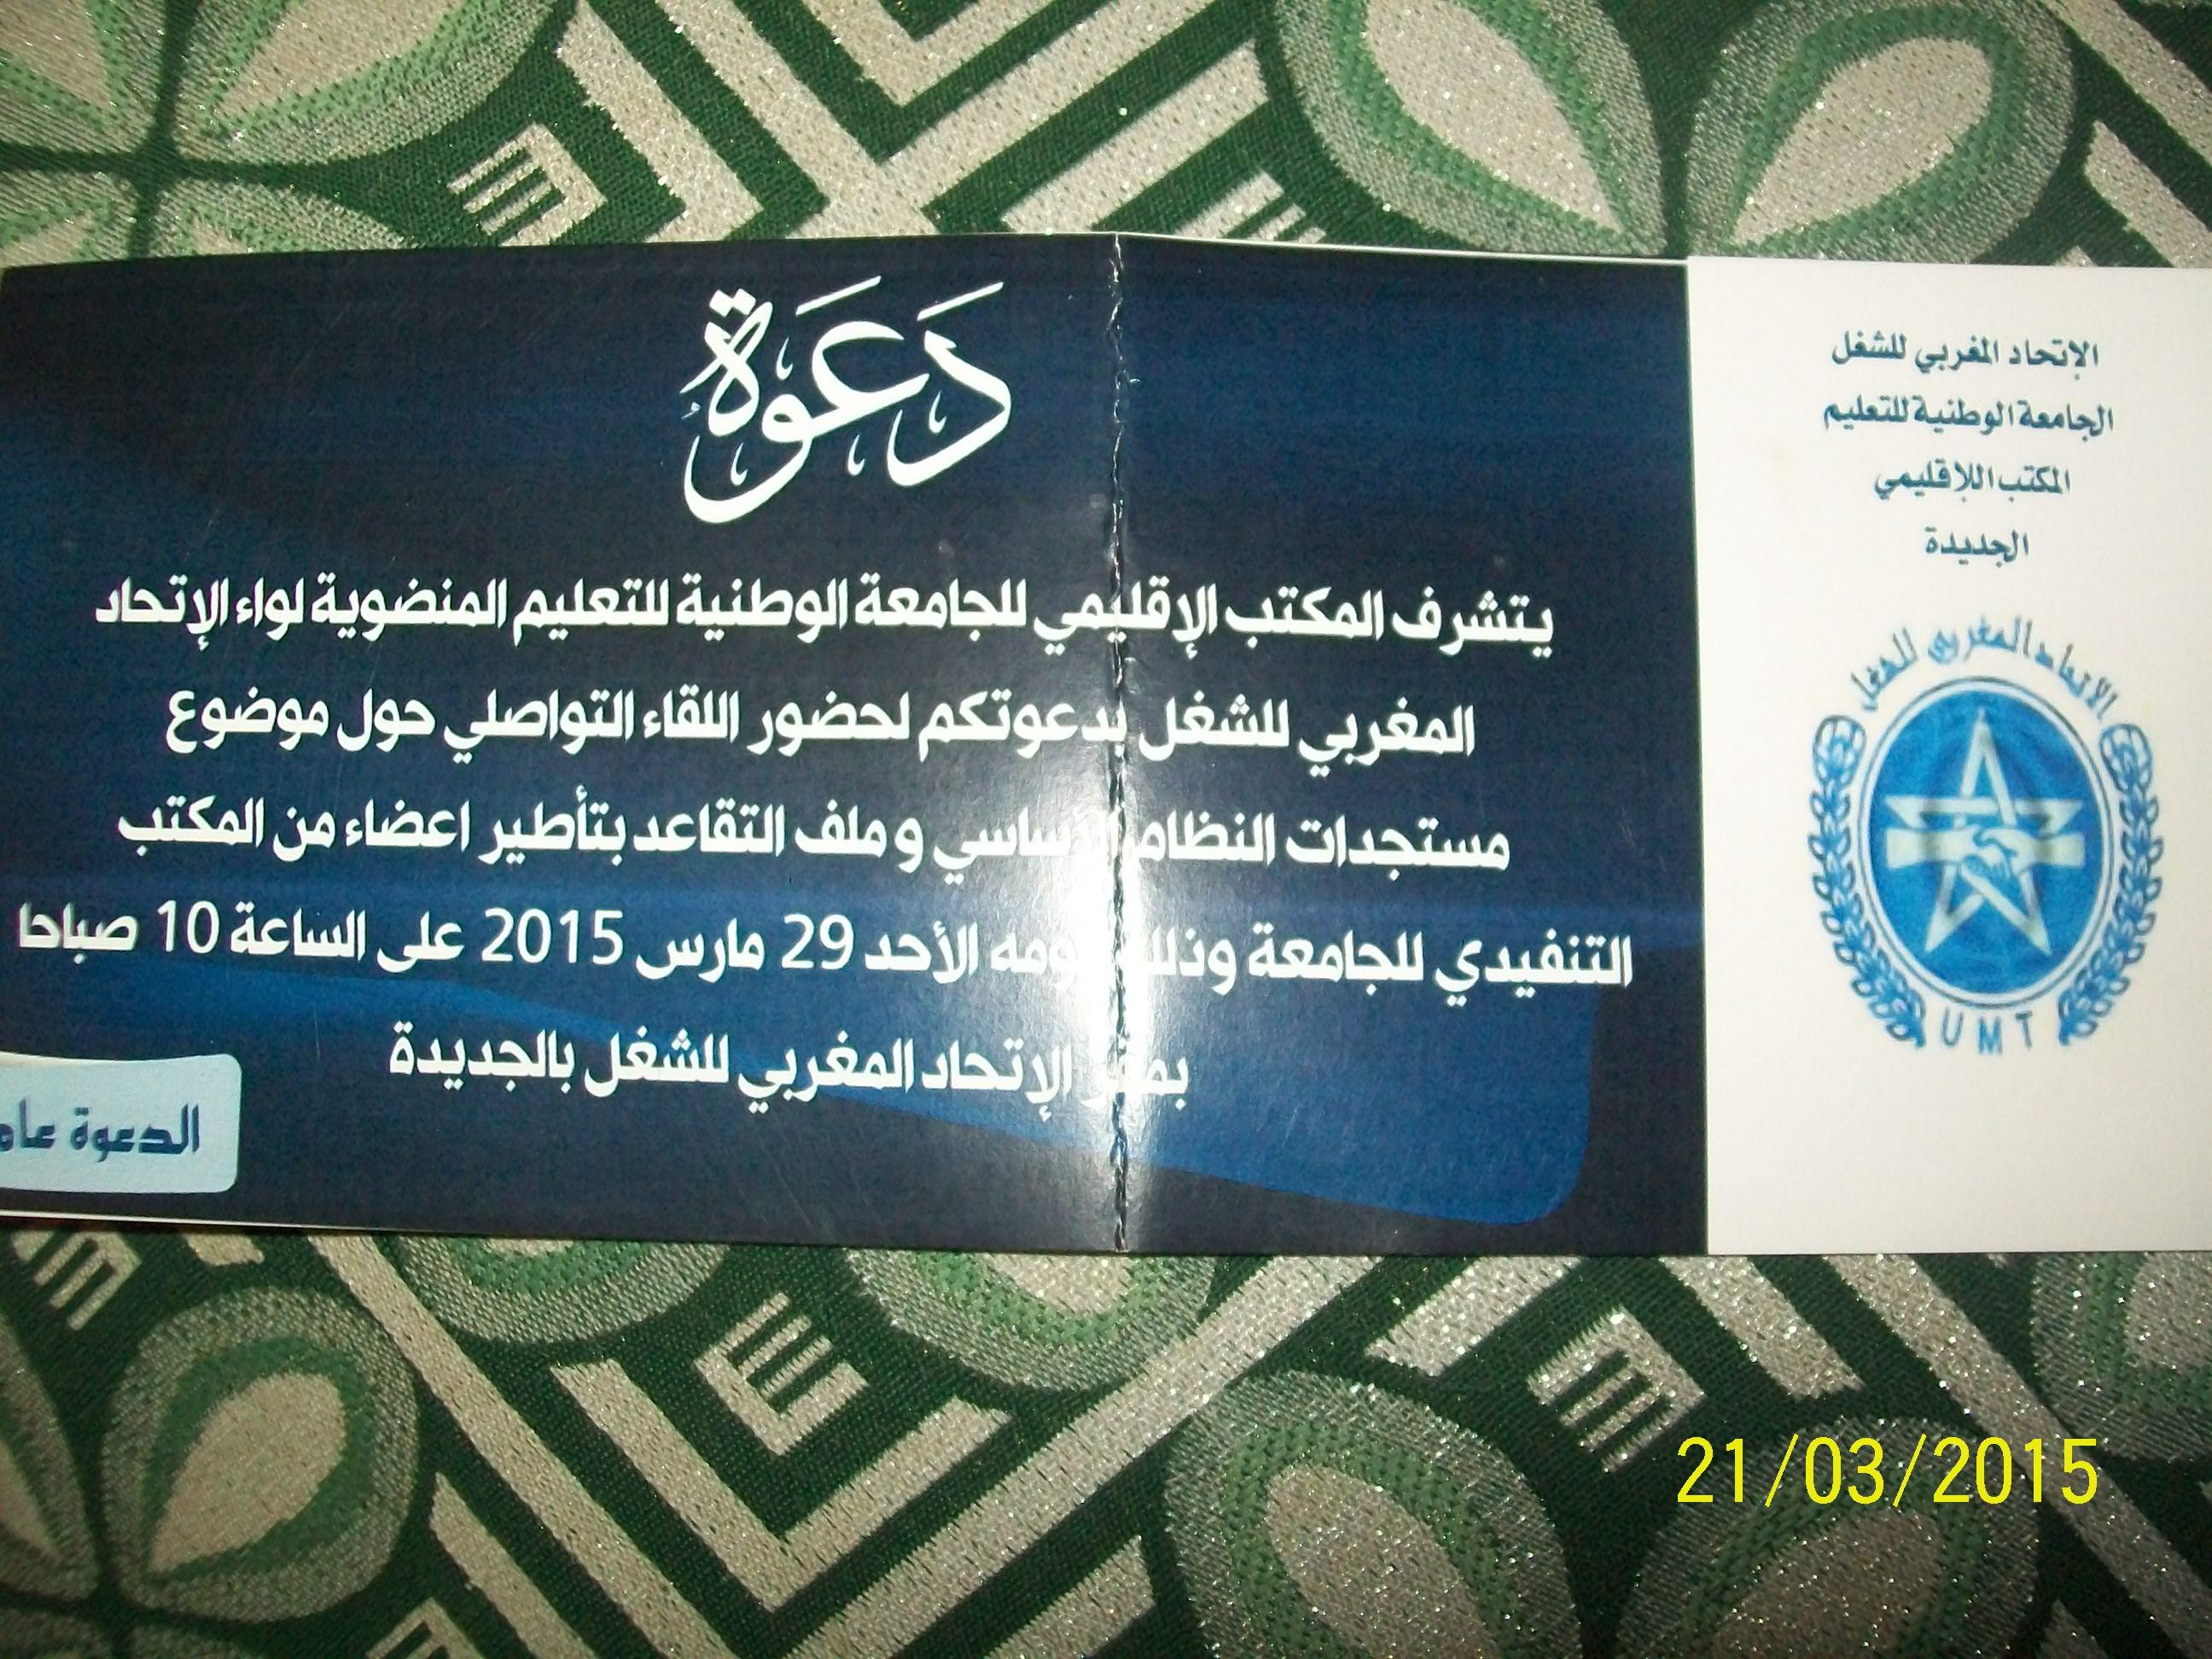 دعوة لحضور لقاء تواصلي بالجديدة ينظمه UMT